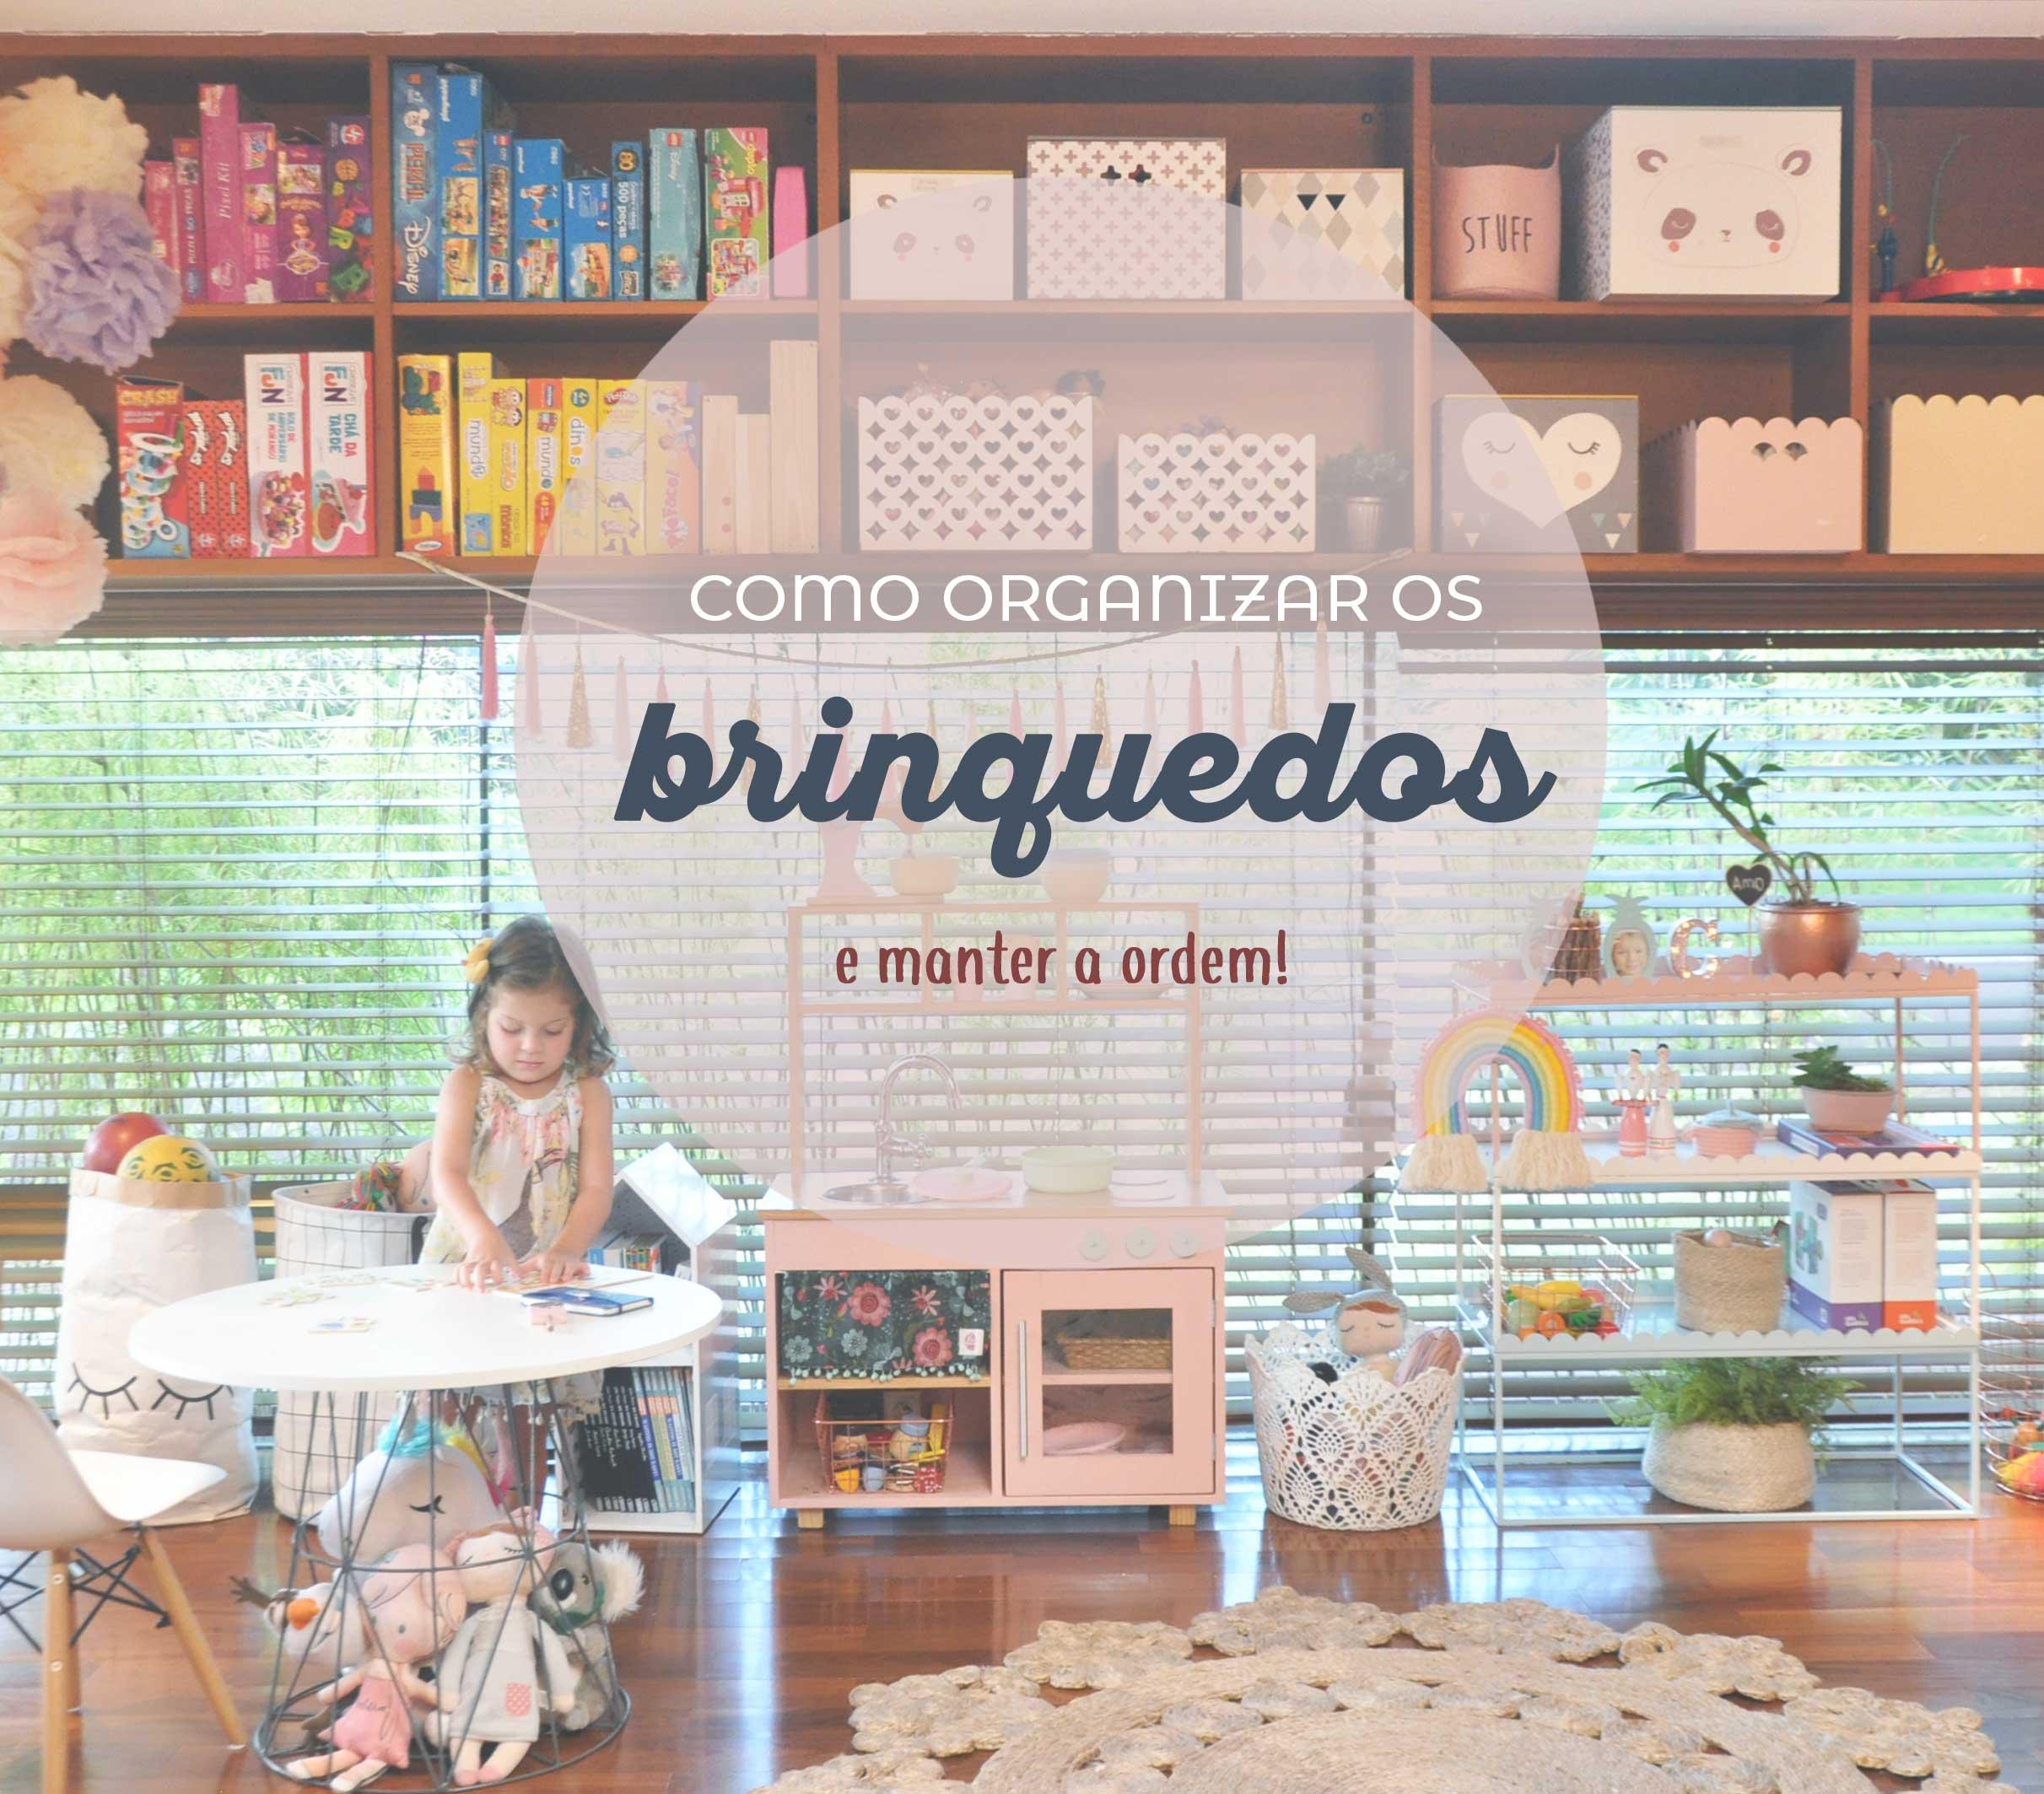 Como organizar os brinquedos (e manter a ordem!)